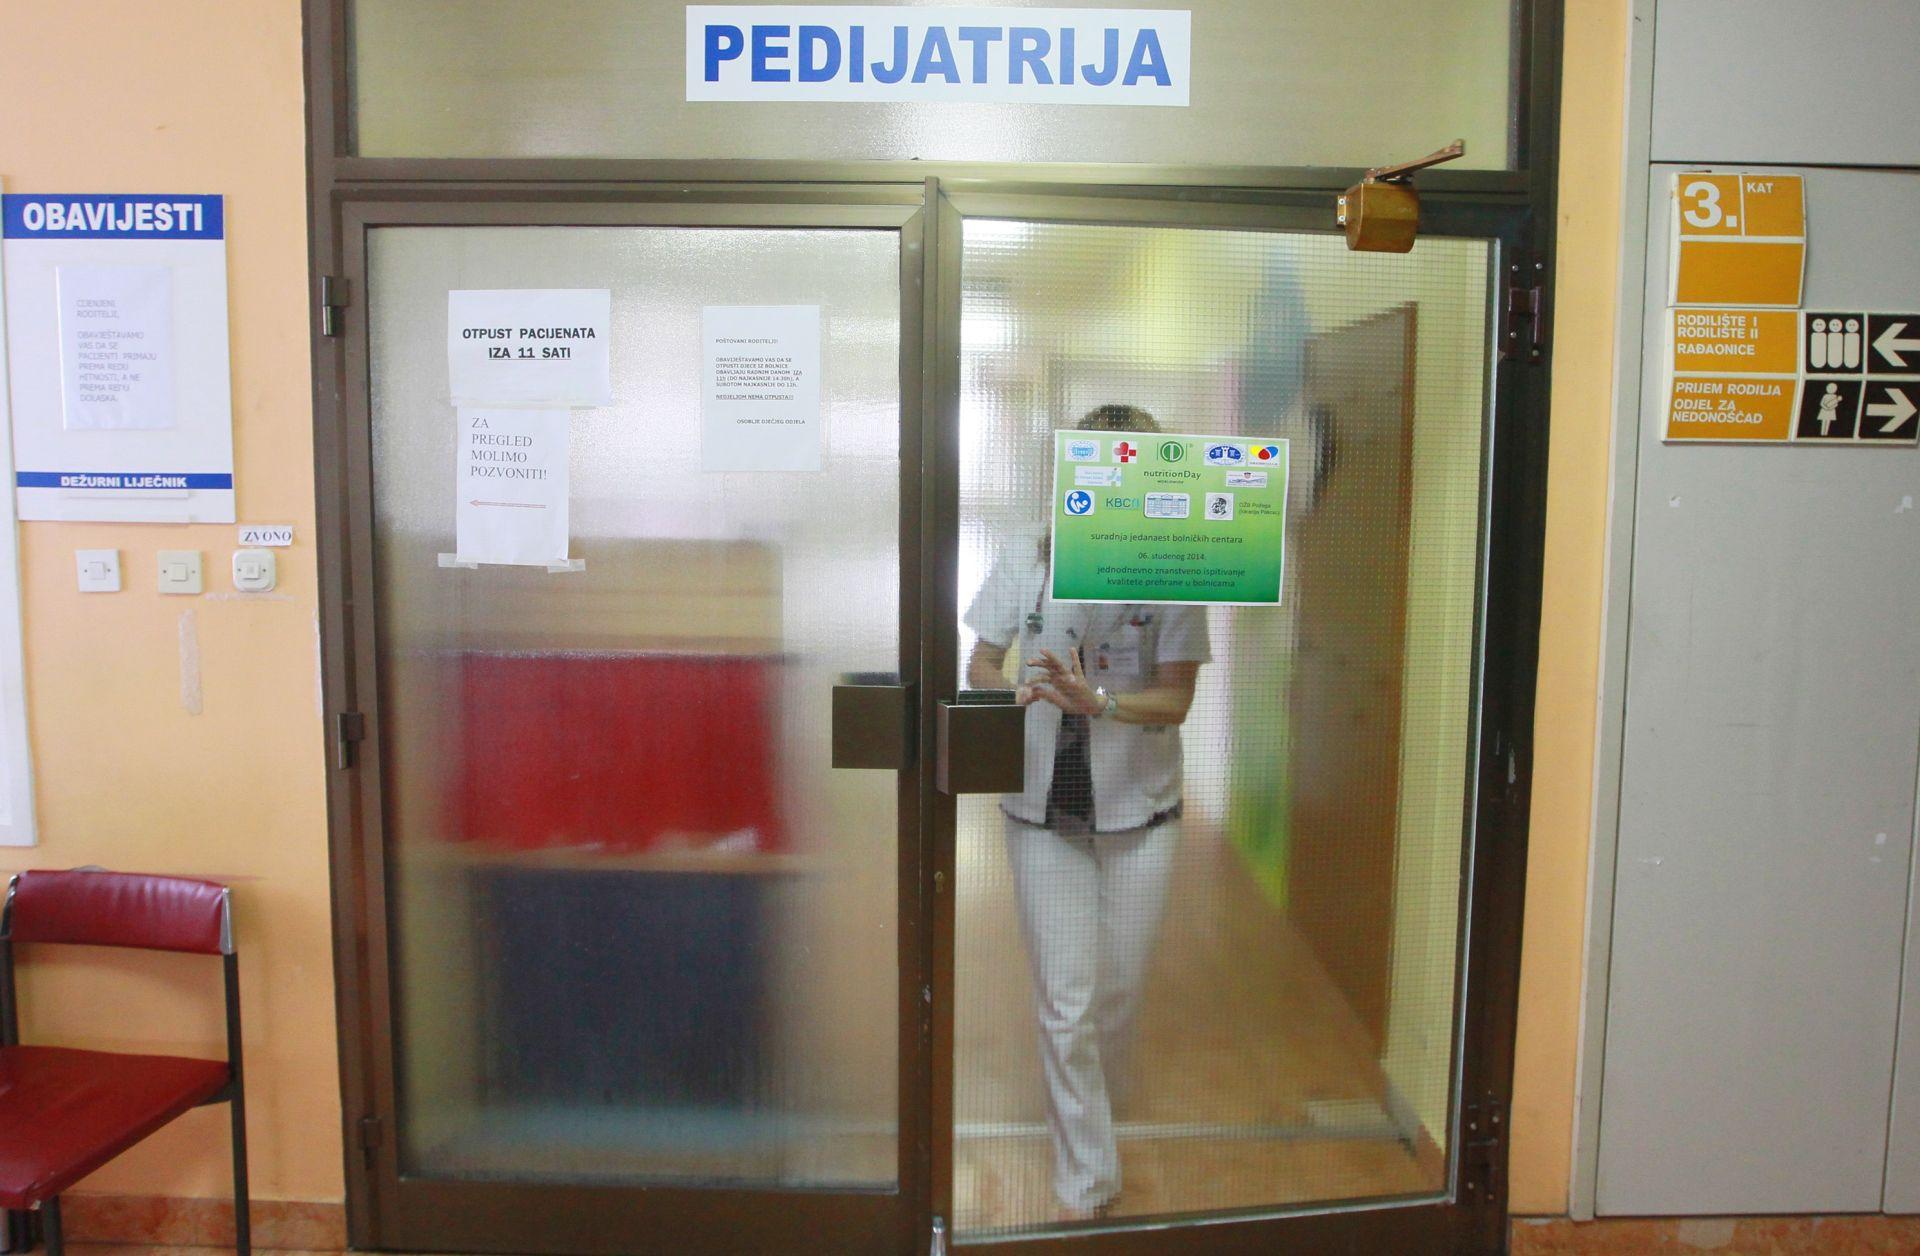 HIPOKRATOVA ZAKLETVA: Pedijatri koncesionari odbili dežurstva, djeca danas, sutra i na Novu godinu bez liječnika